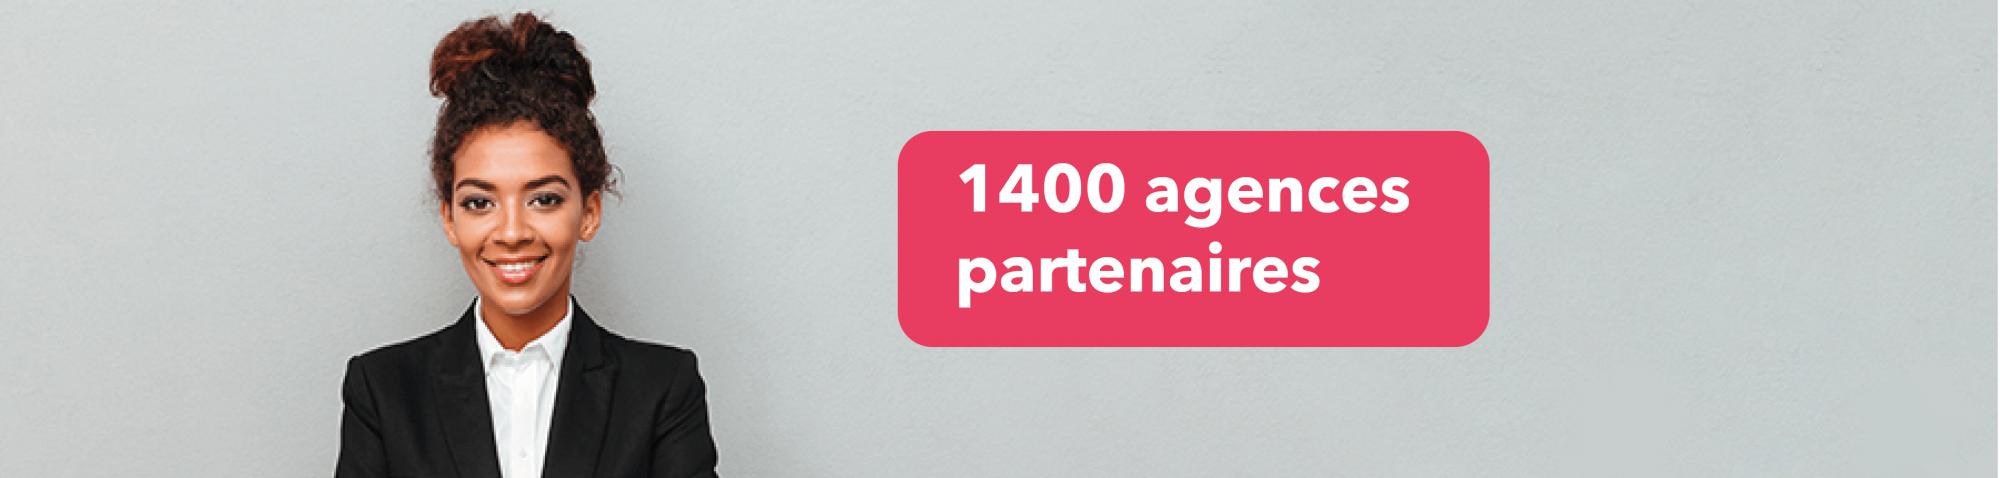 1400-agences